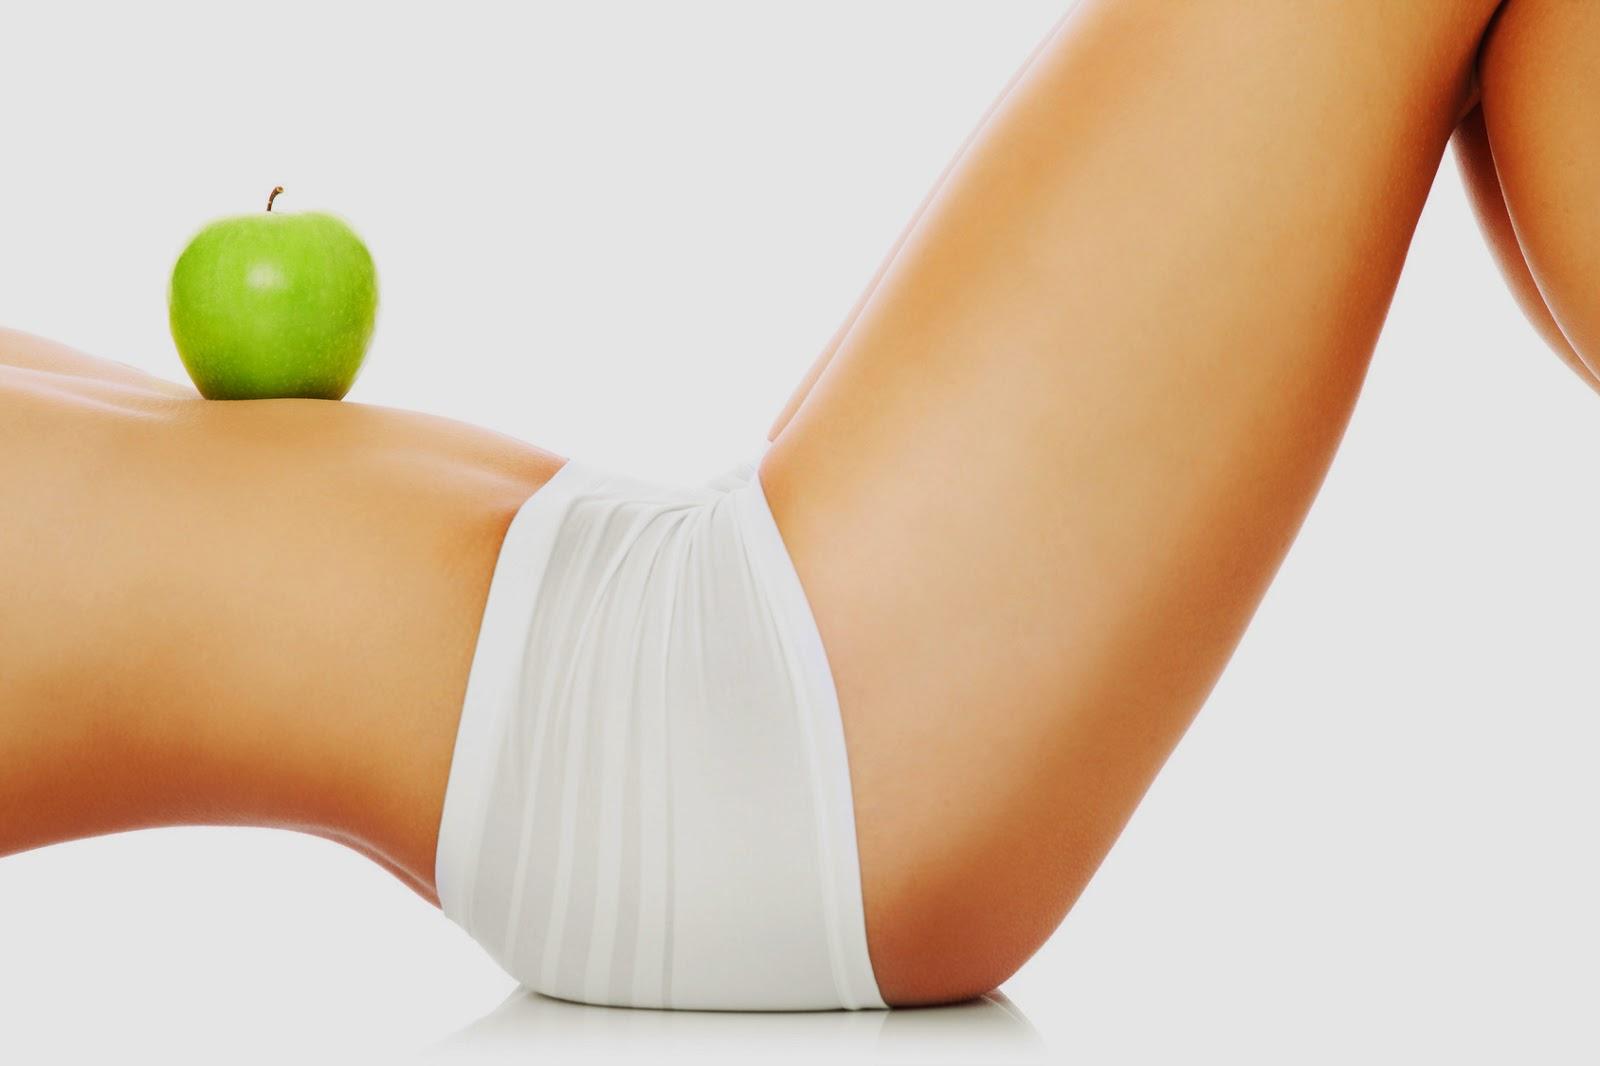 Semillas lino necesito bajar de peso urgente gratis ejercicio